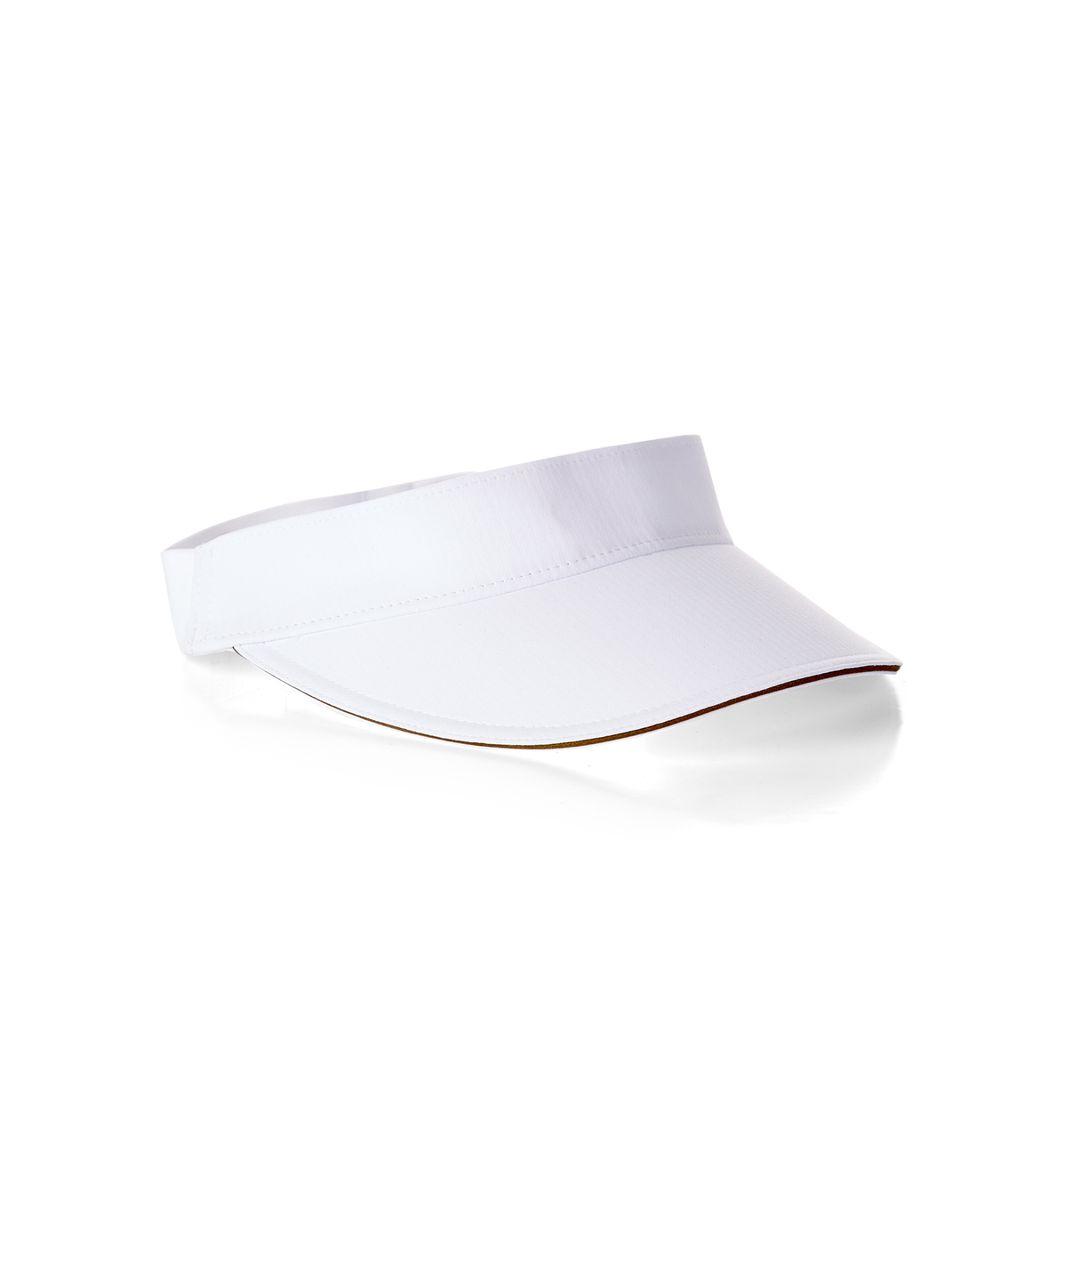 Lululemon Fast Paced Run Visor - White (Second Release)